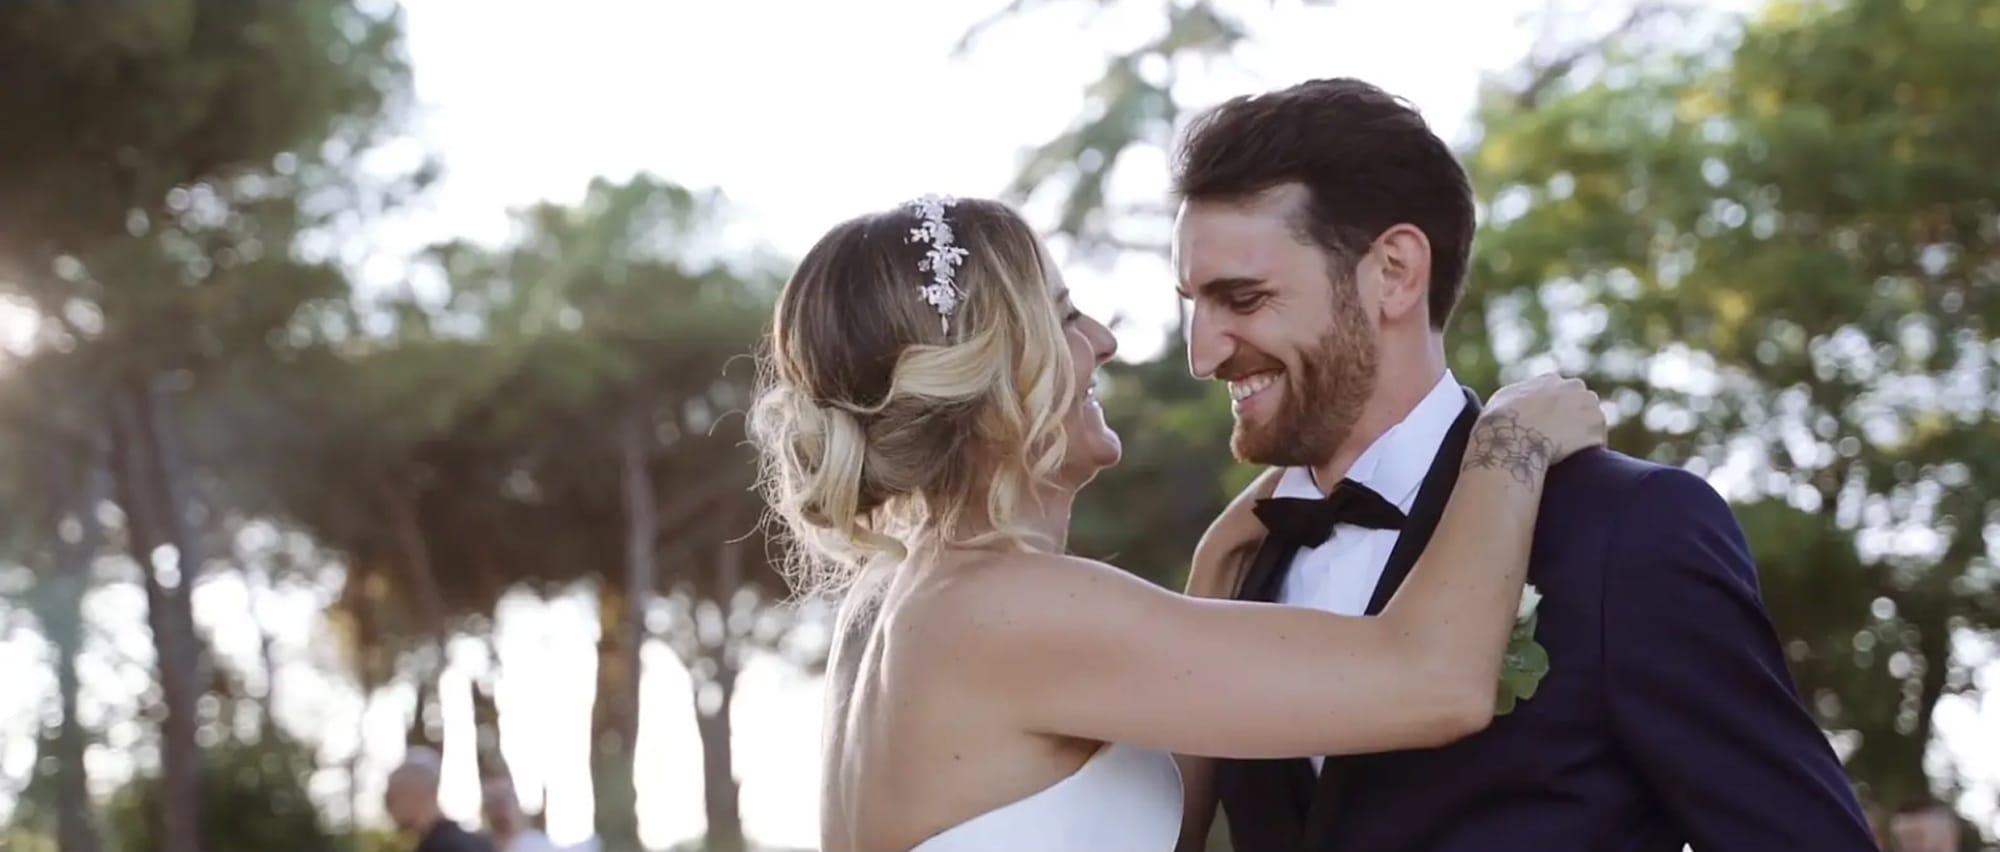 wedding videomaker in villa pagnana rignano sull arno florence